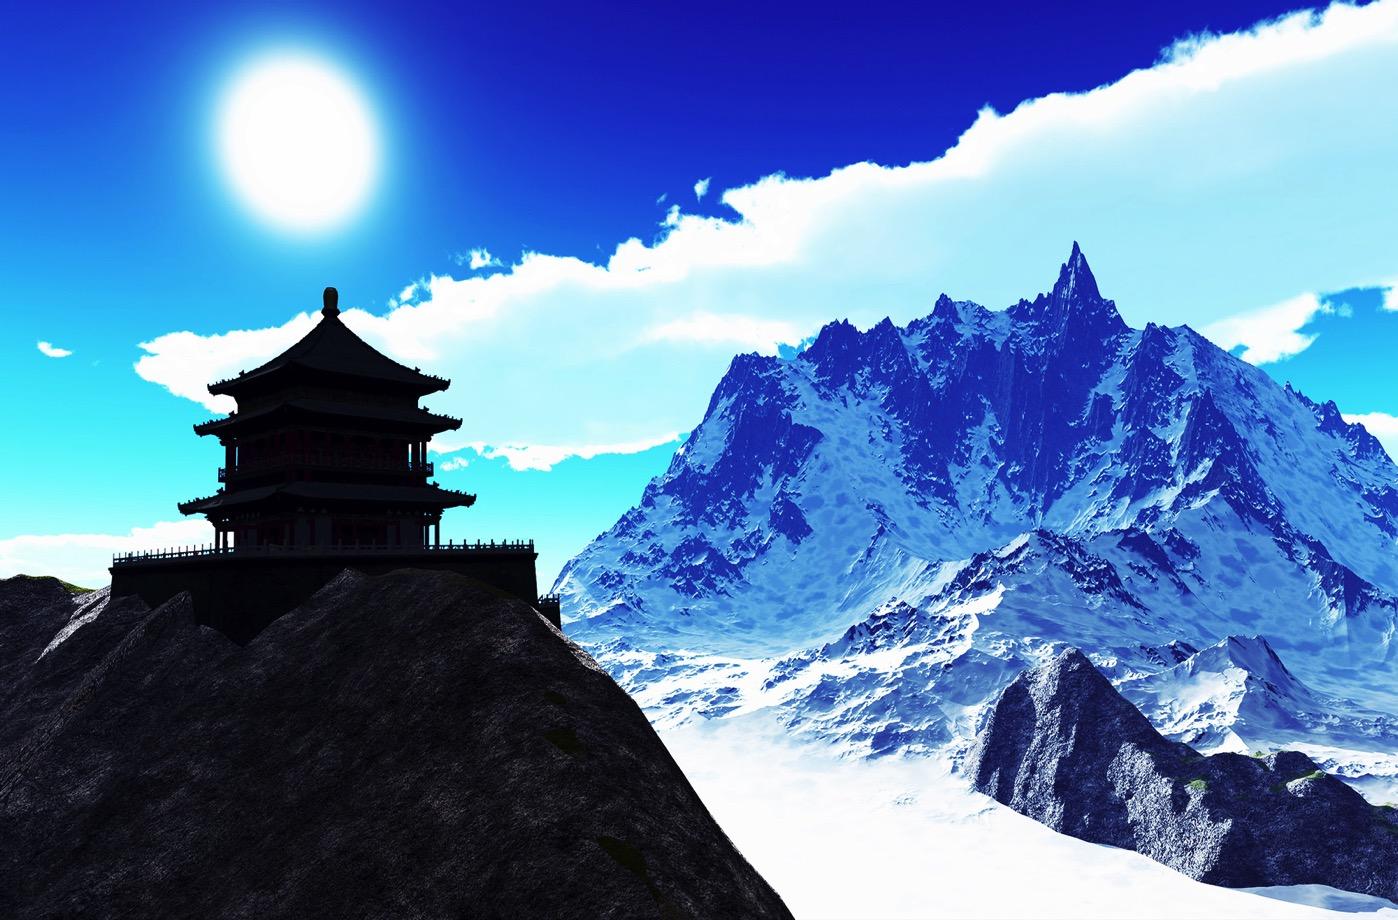 ガンケルプンスム参考画像(ブータン寺院と山)